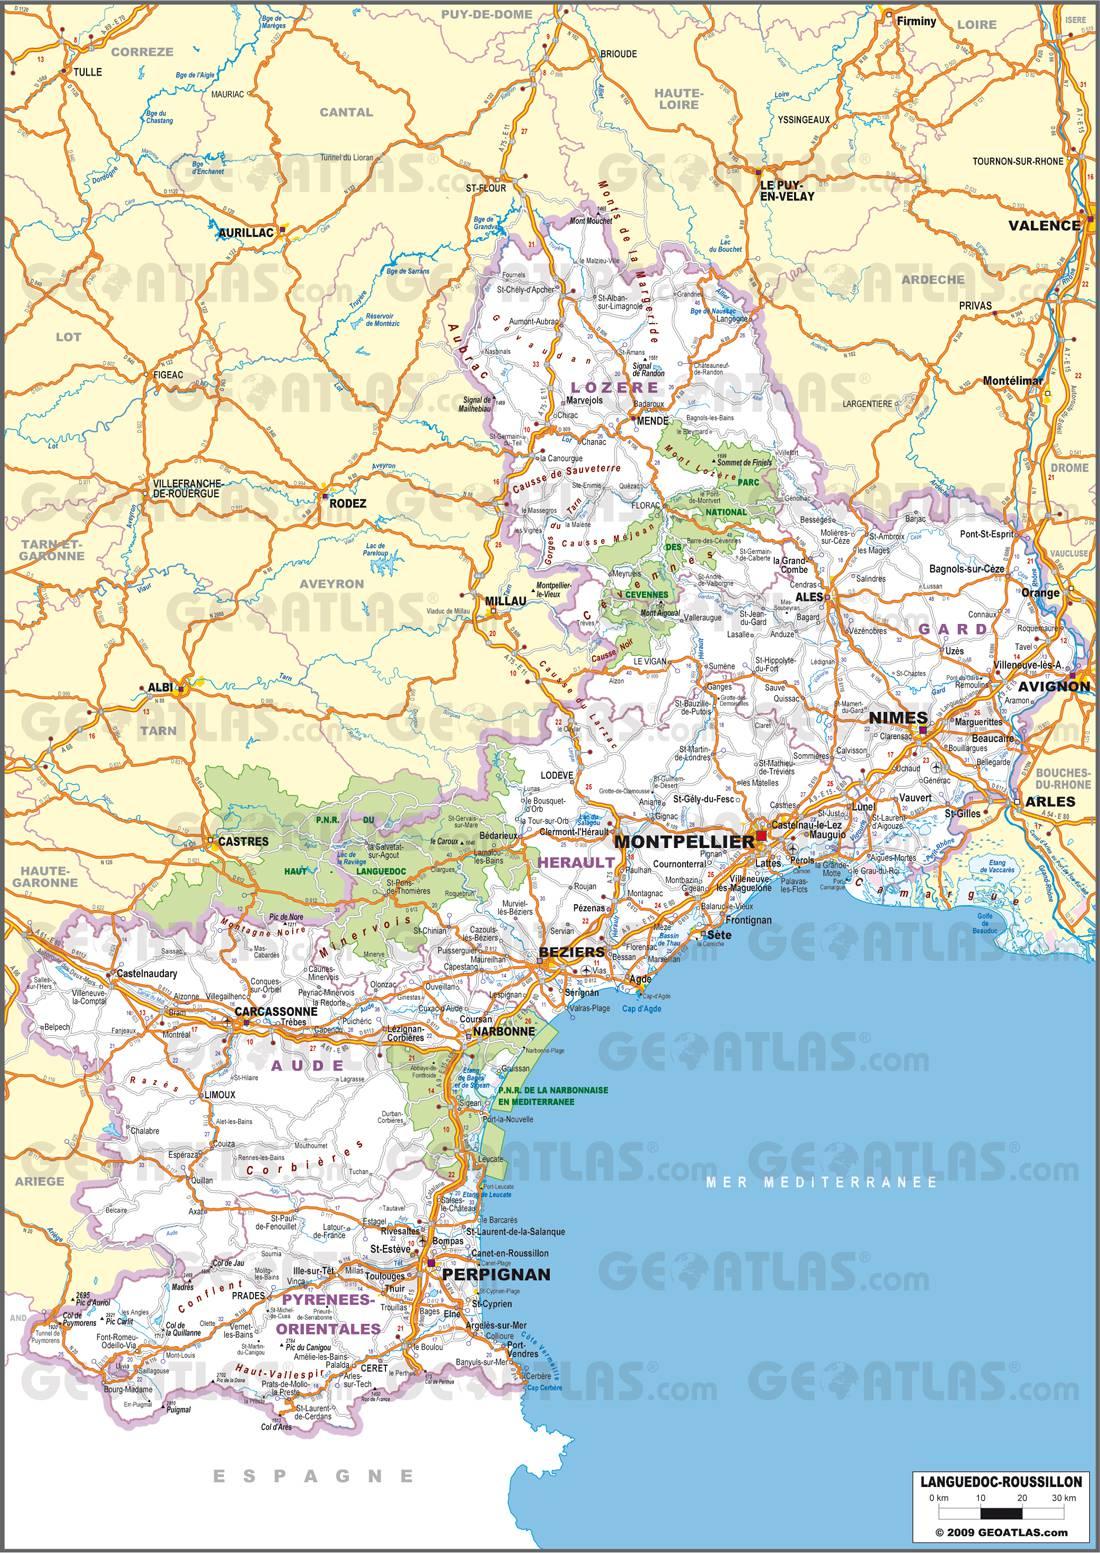 Carte routière du Languedoc-Roussillon